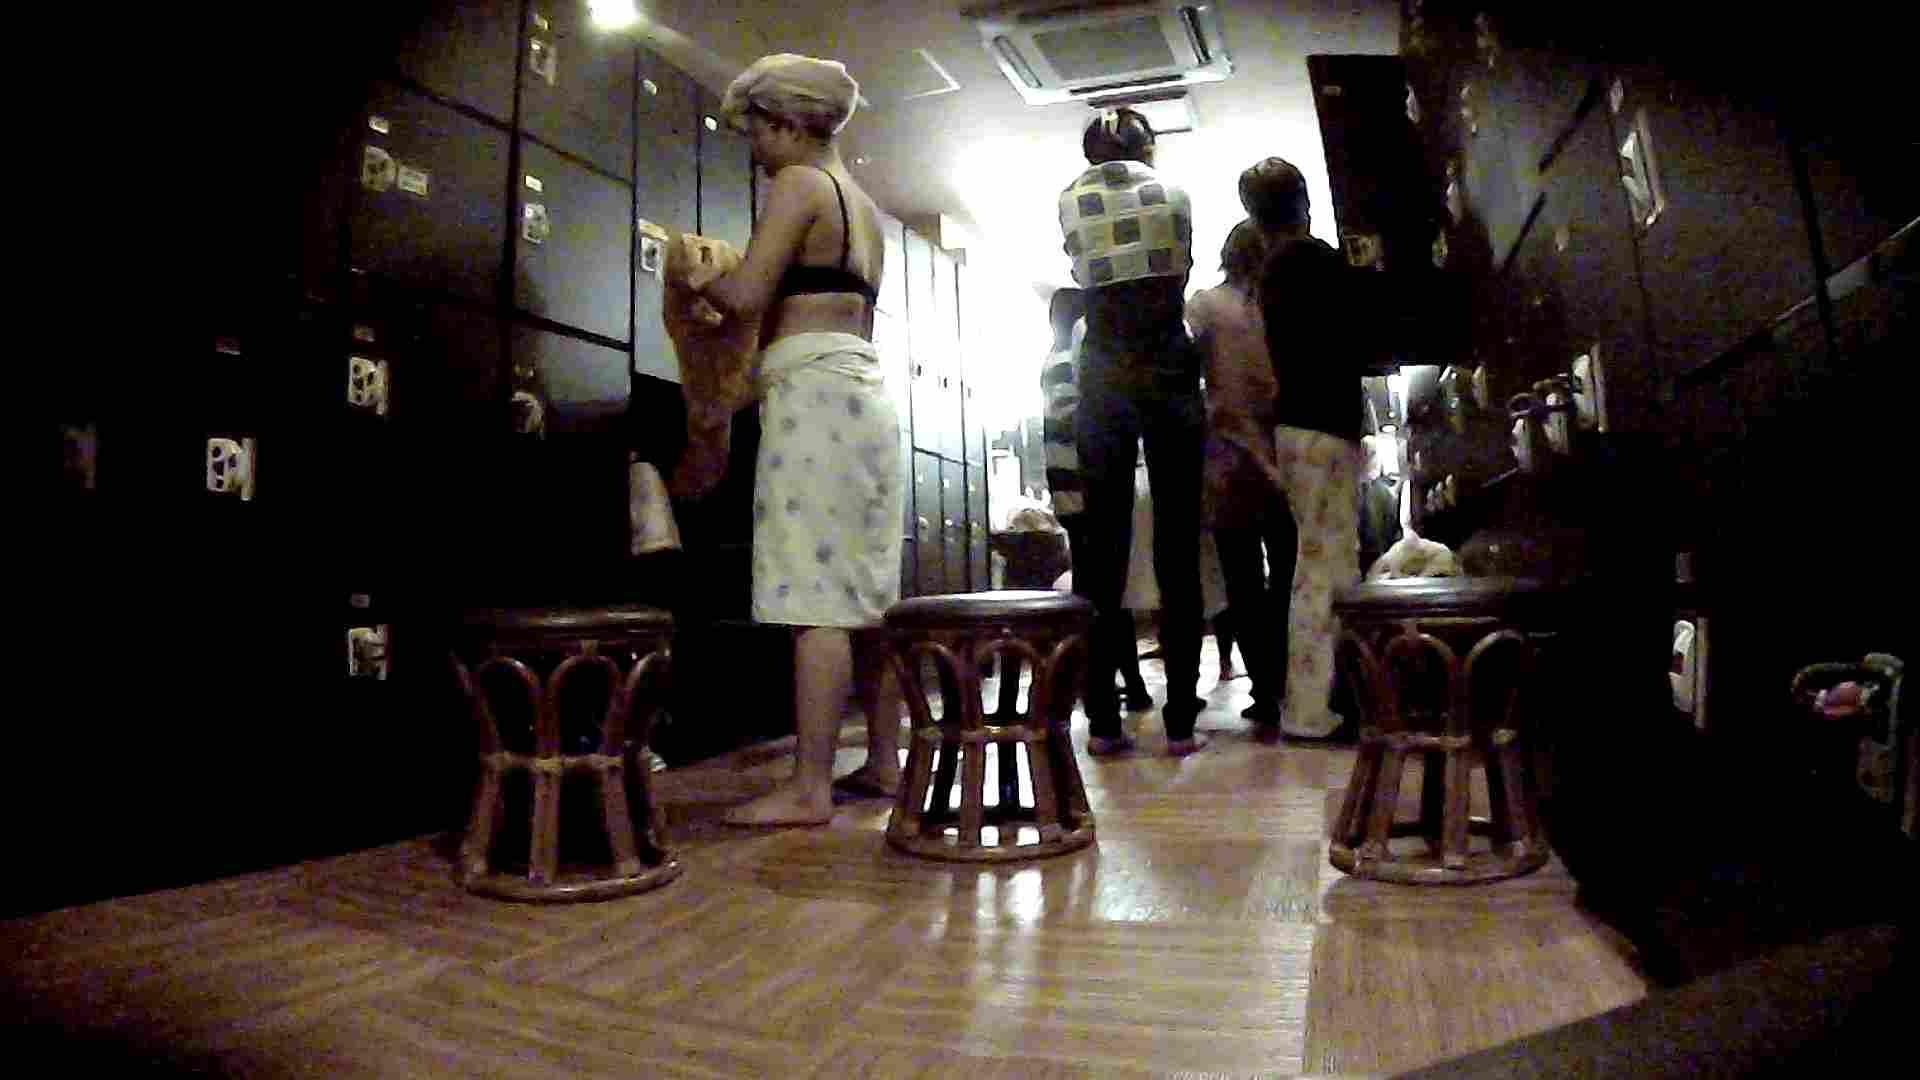 脱衣所!オムニバス 大混雑!注目はあの人の御御足でしょう。 脱衣所 盗撮戯れ無修正画像 25pic 2